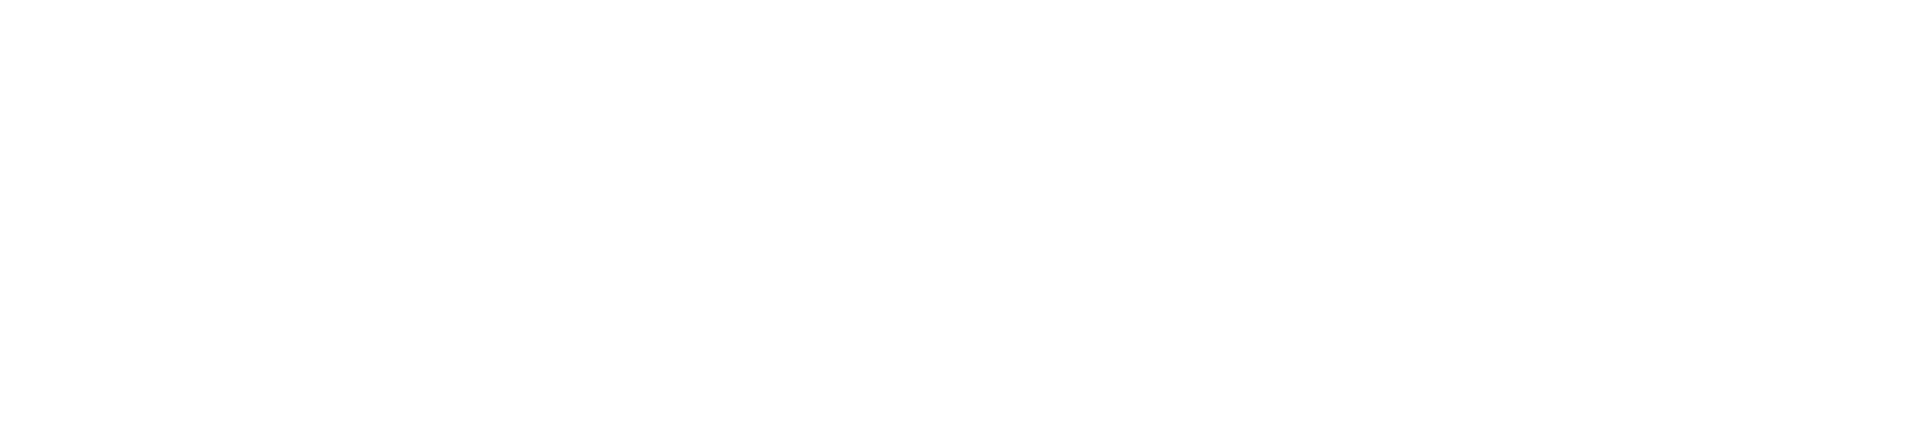 Beaudoin - Ligne du temps